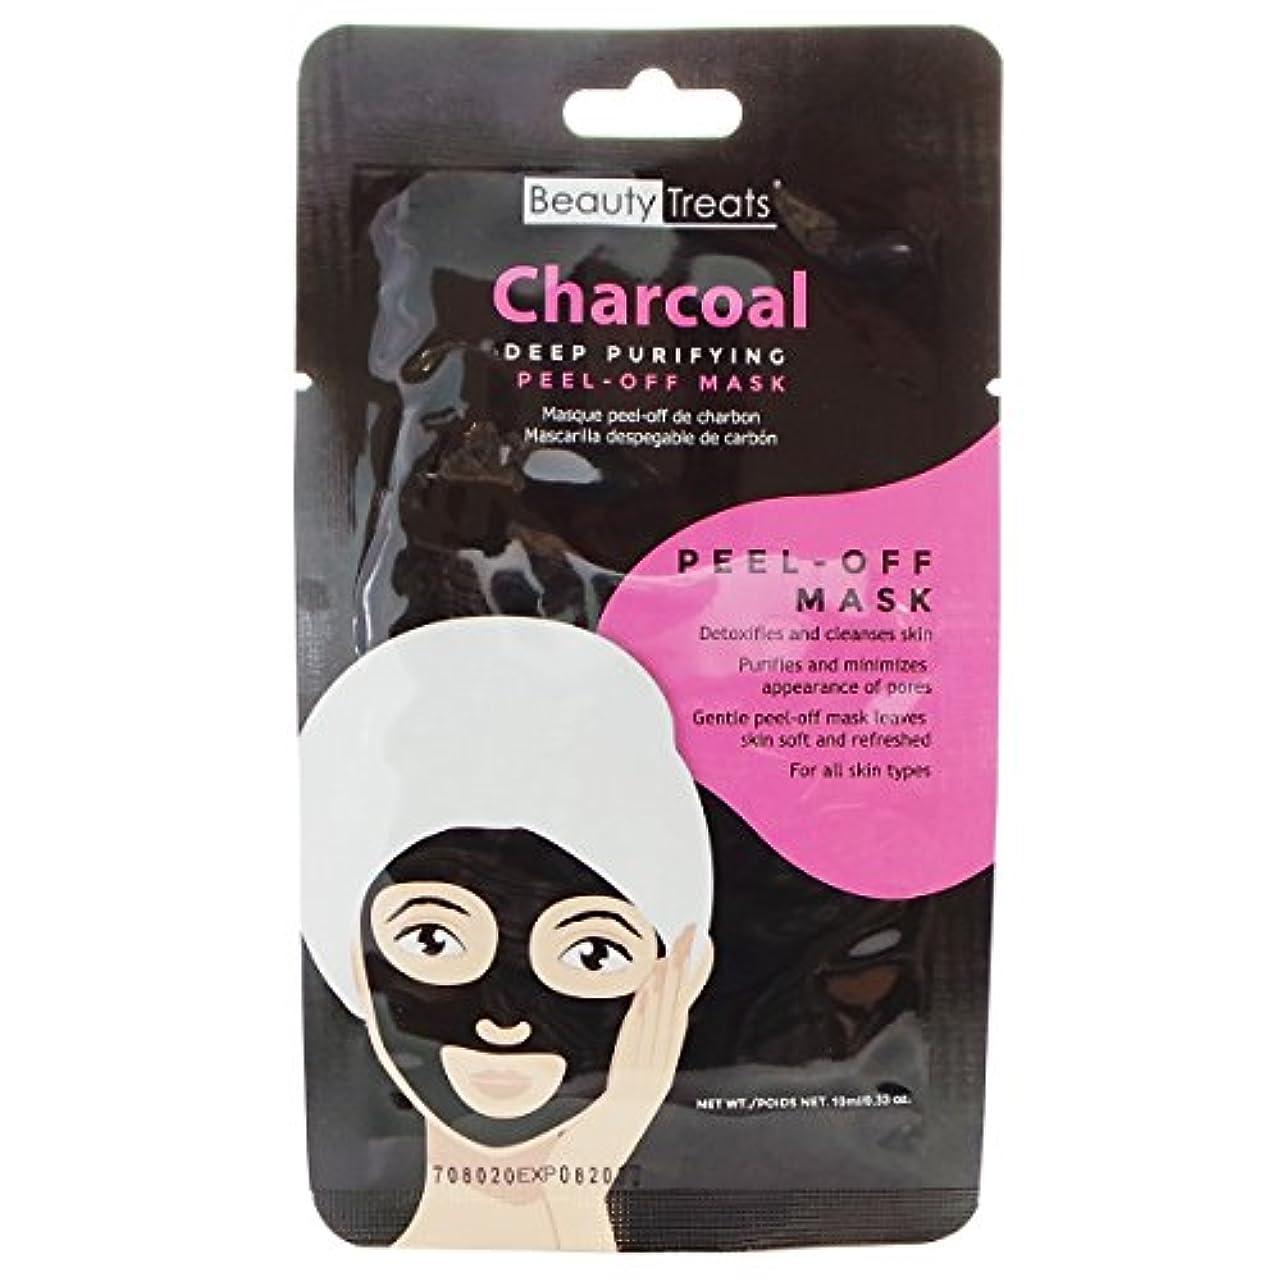 おじさんにぎやかカストディアンBEAUTY TREATS Deep Purifying Peel-Off Charcoal Mask (並行輸入品)